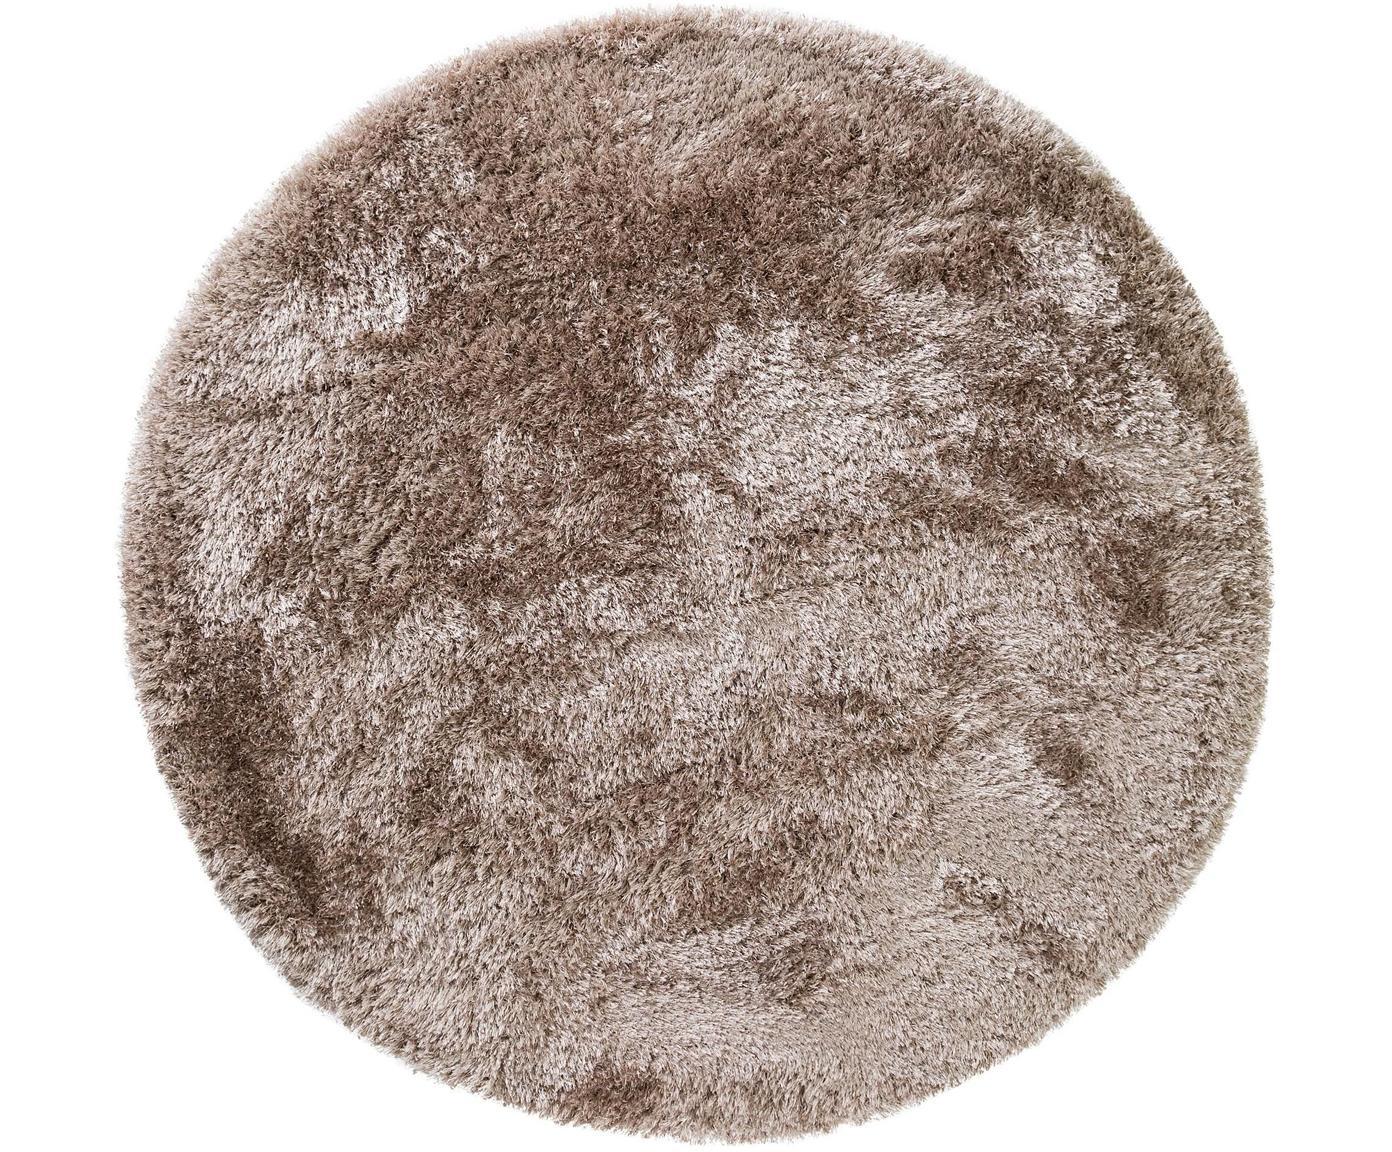 Tappeto a pelo lungo effetto lucido Lea, 50% poliestere, 50% polipropilene, Beige, Ø 120 cm (taglia S)